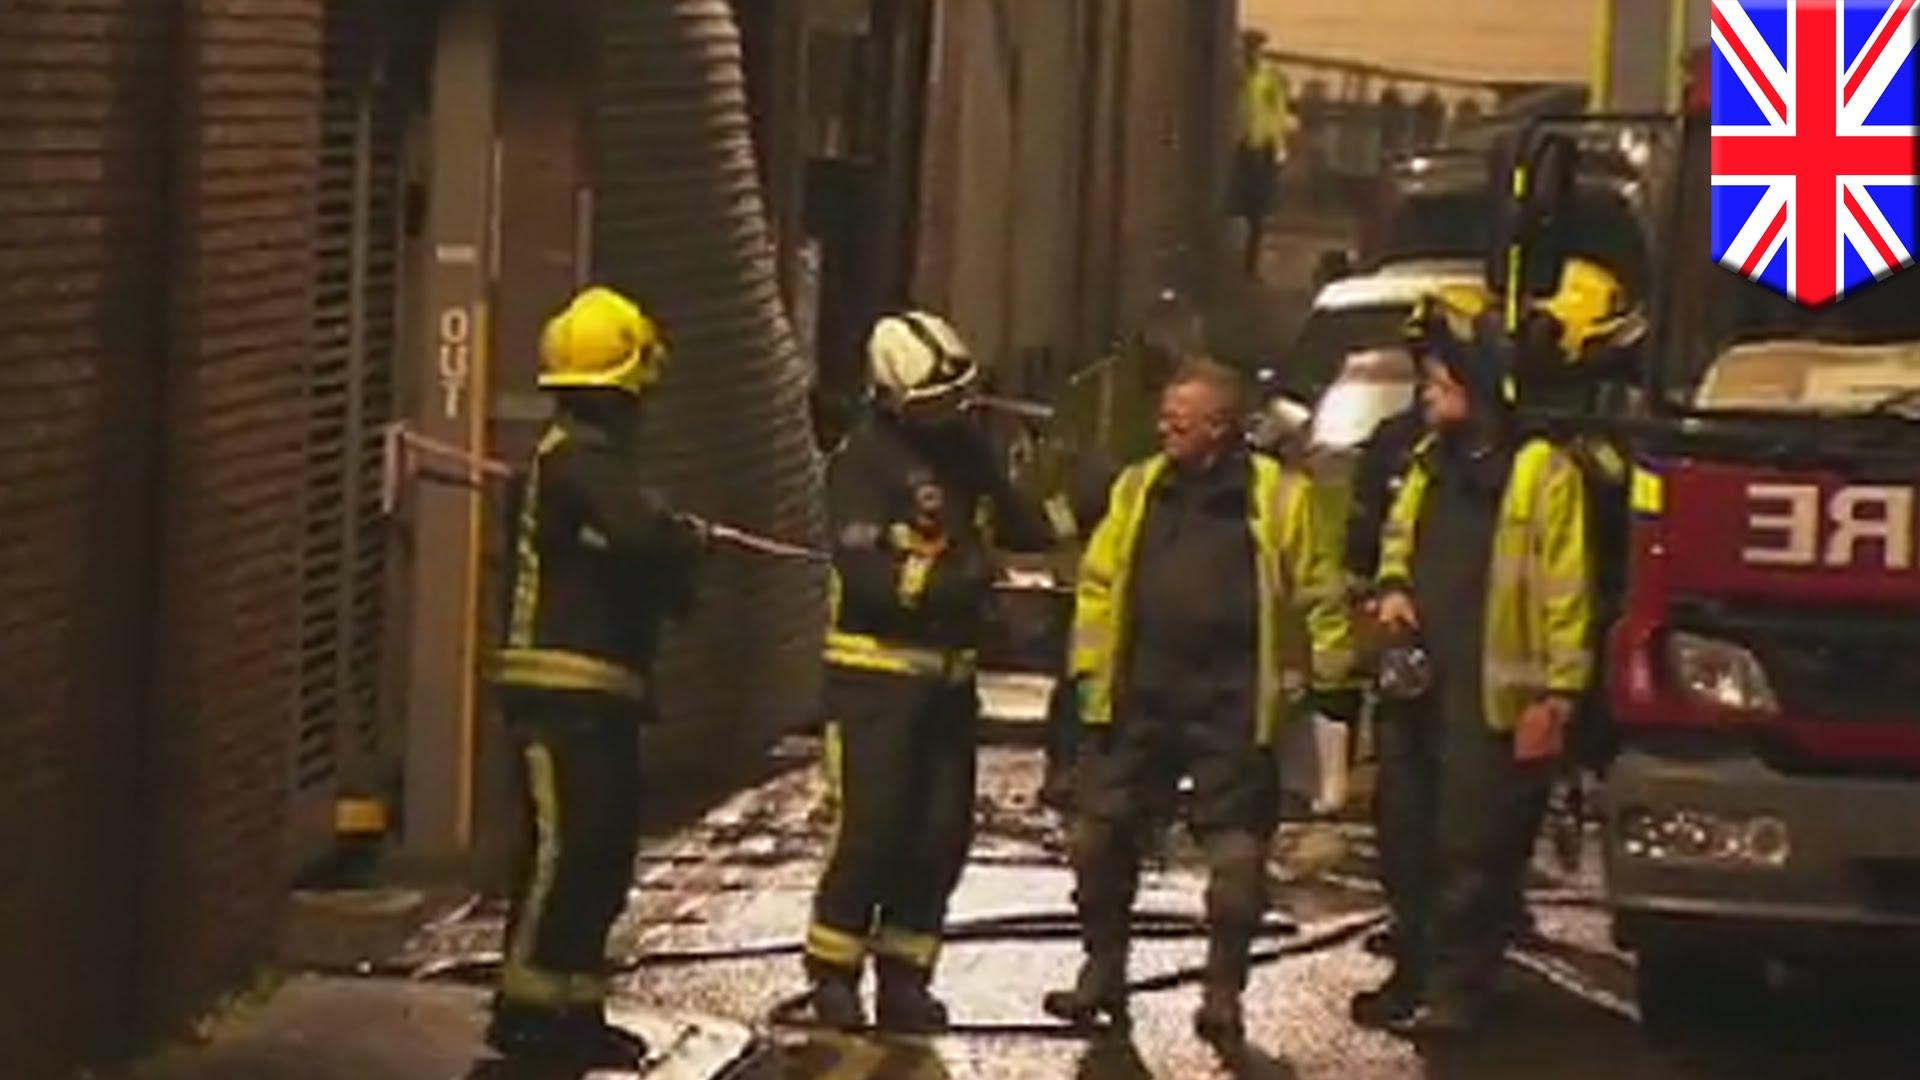 EKSPLOZIJA U TROKATNICI: U Londonu ozlijeđeno najmanje pet osoba, interveniralo 75 vatrogasaca